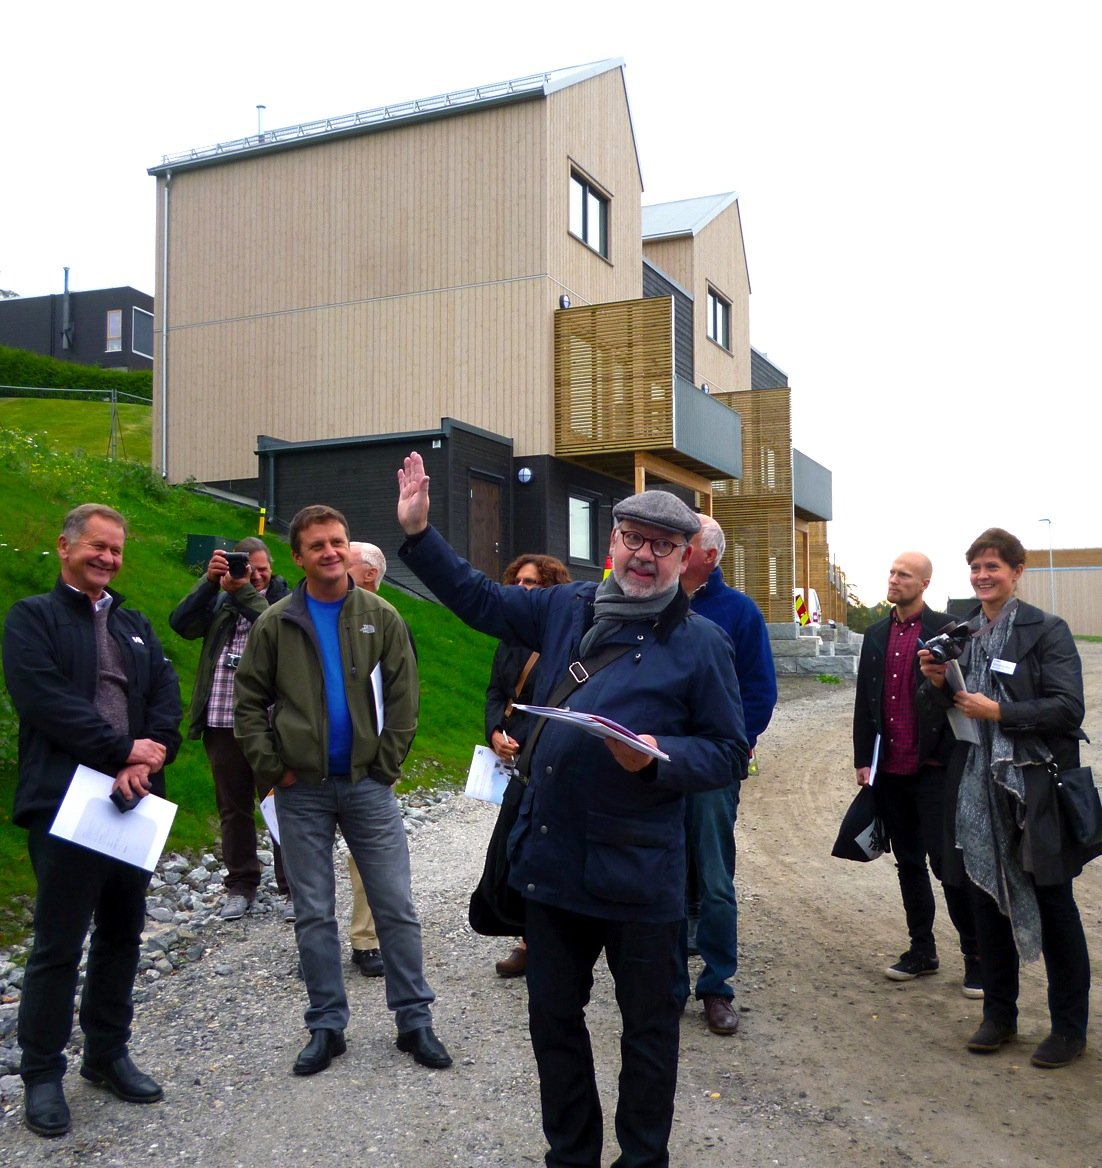 Präsentation der Reihenhaussiedlung Stenbråtlia durch den Architekten Hans Dahl (Mitte) sowie durch Prof. John Rekstad, Geschäftsführer der Firma Aventa (links außen) und Aventa-Entwicklungsingenieurin Dr. Michaela Meir (rechts außen).